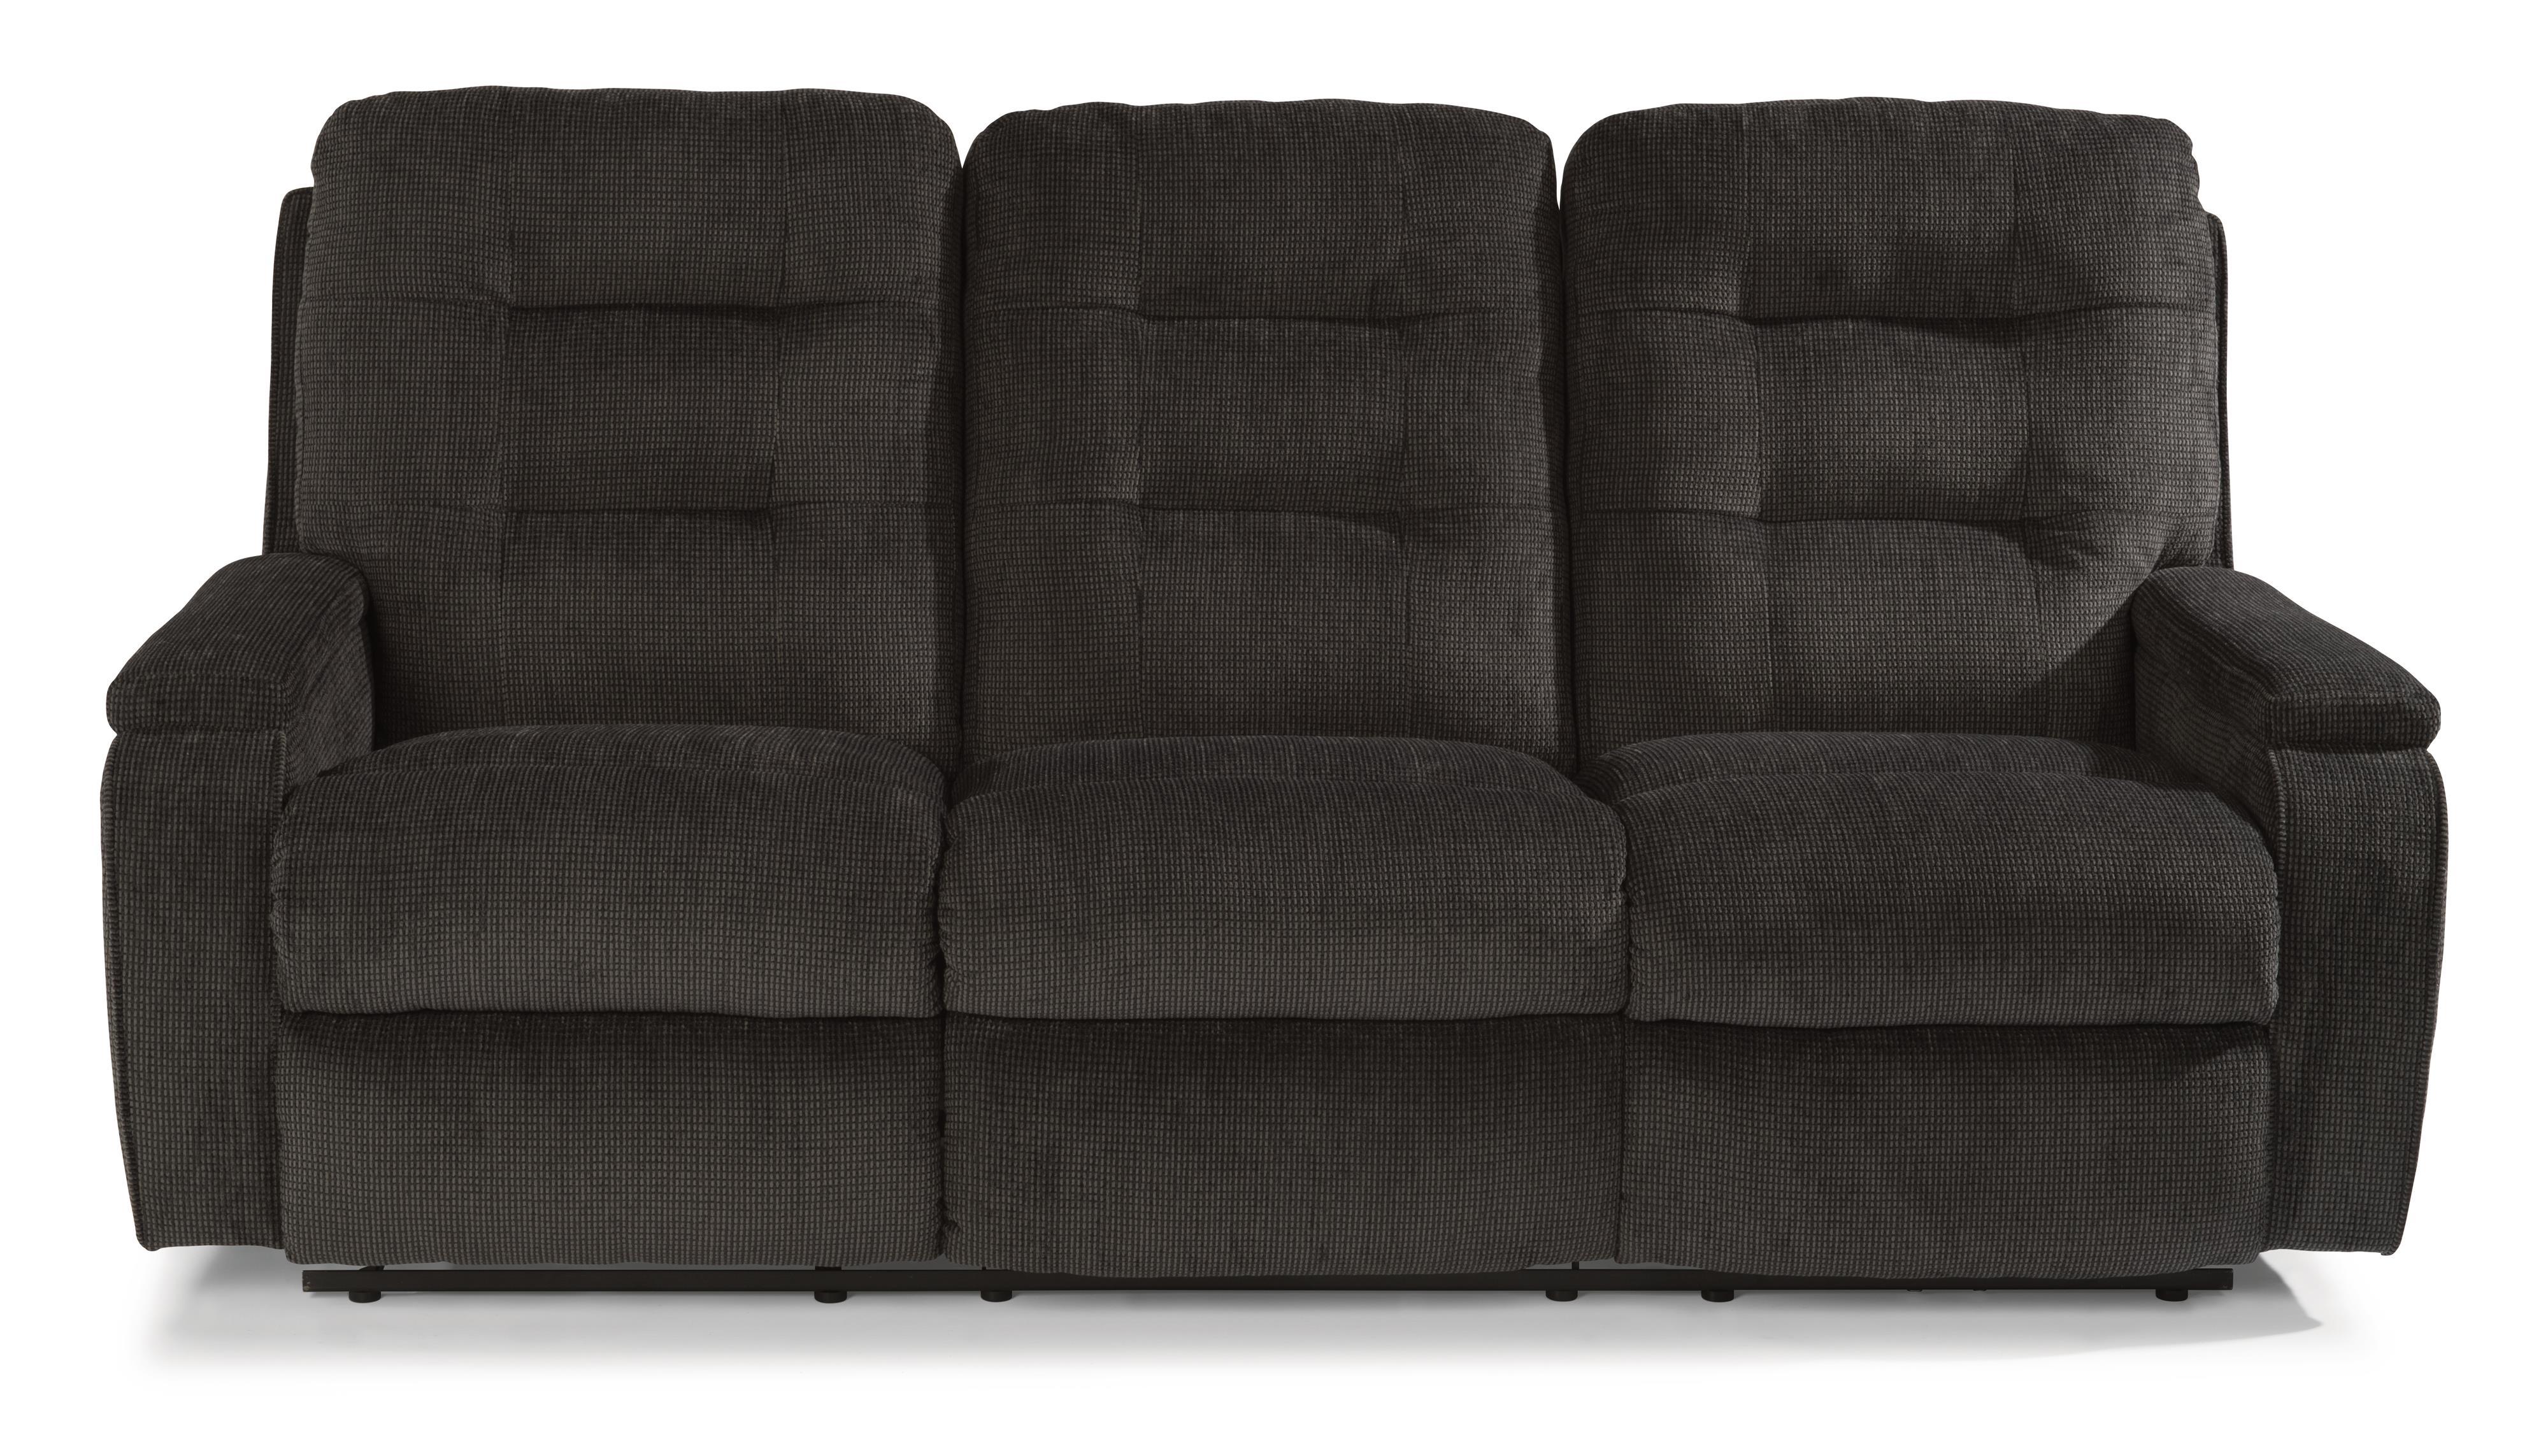 Flexsteel Kerrie Reclining Sofa - Item Number: 2806-62-163-40